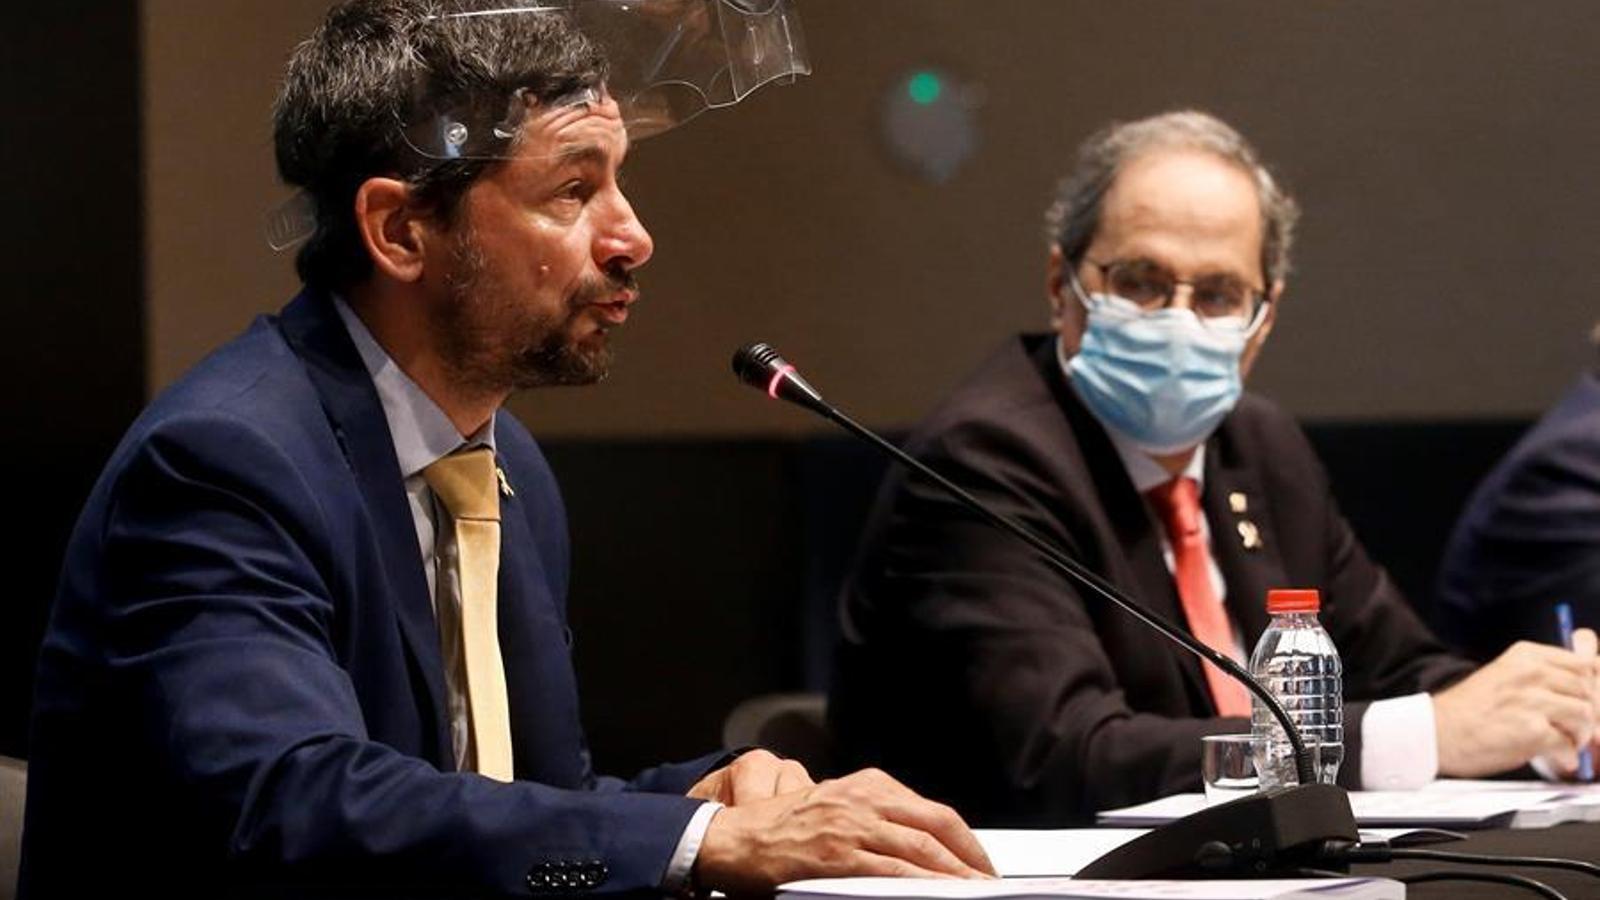 El president de la Cambra de Comerç de Barcelona, Joan Canadell, intervenint a la presentació de la memòria econòmica de 2019, mentre el president de la Generalitat, Quim Torra, l'observa